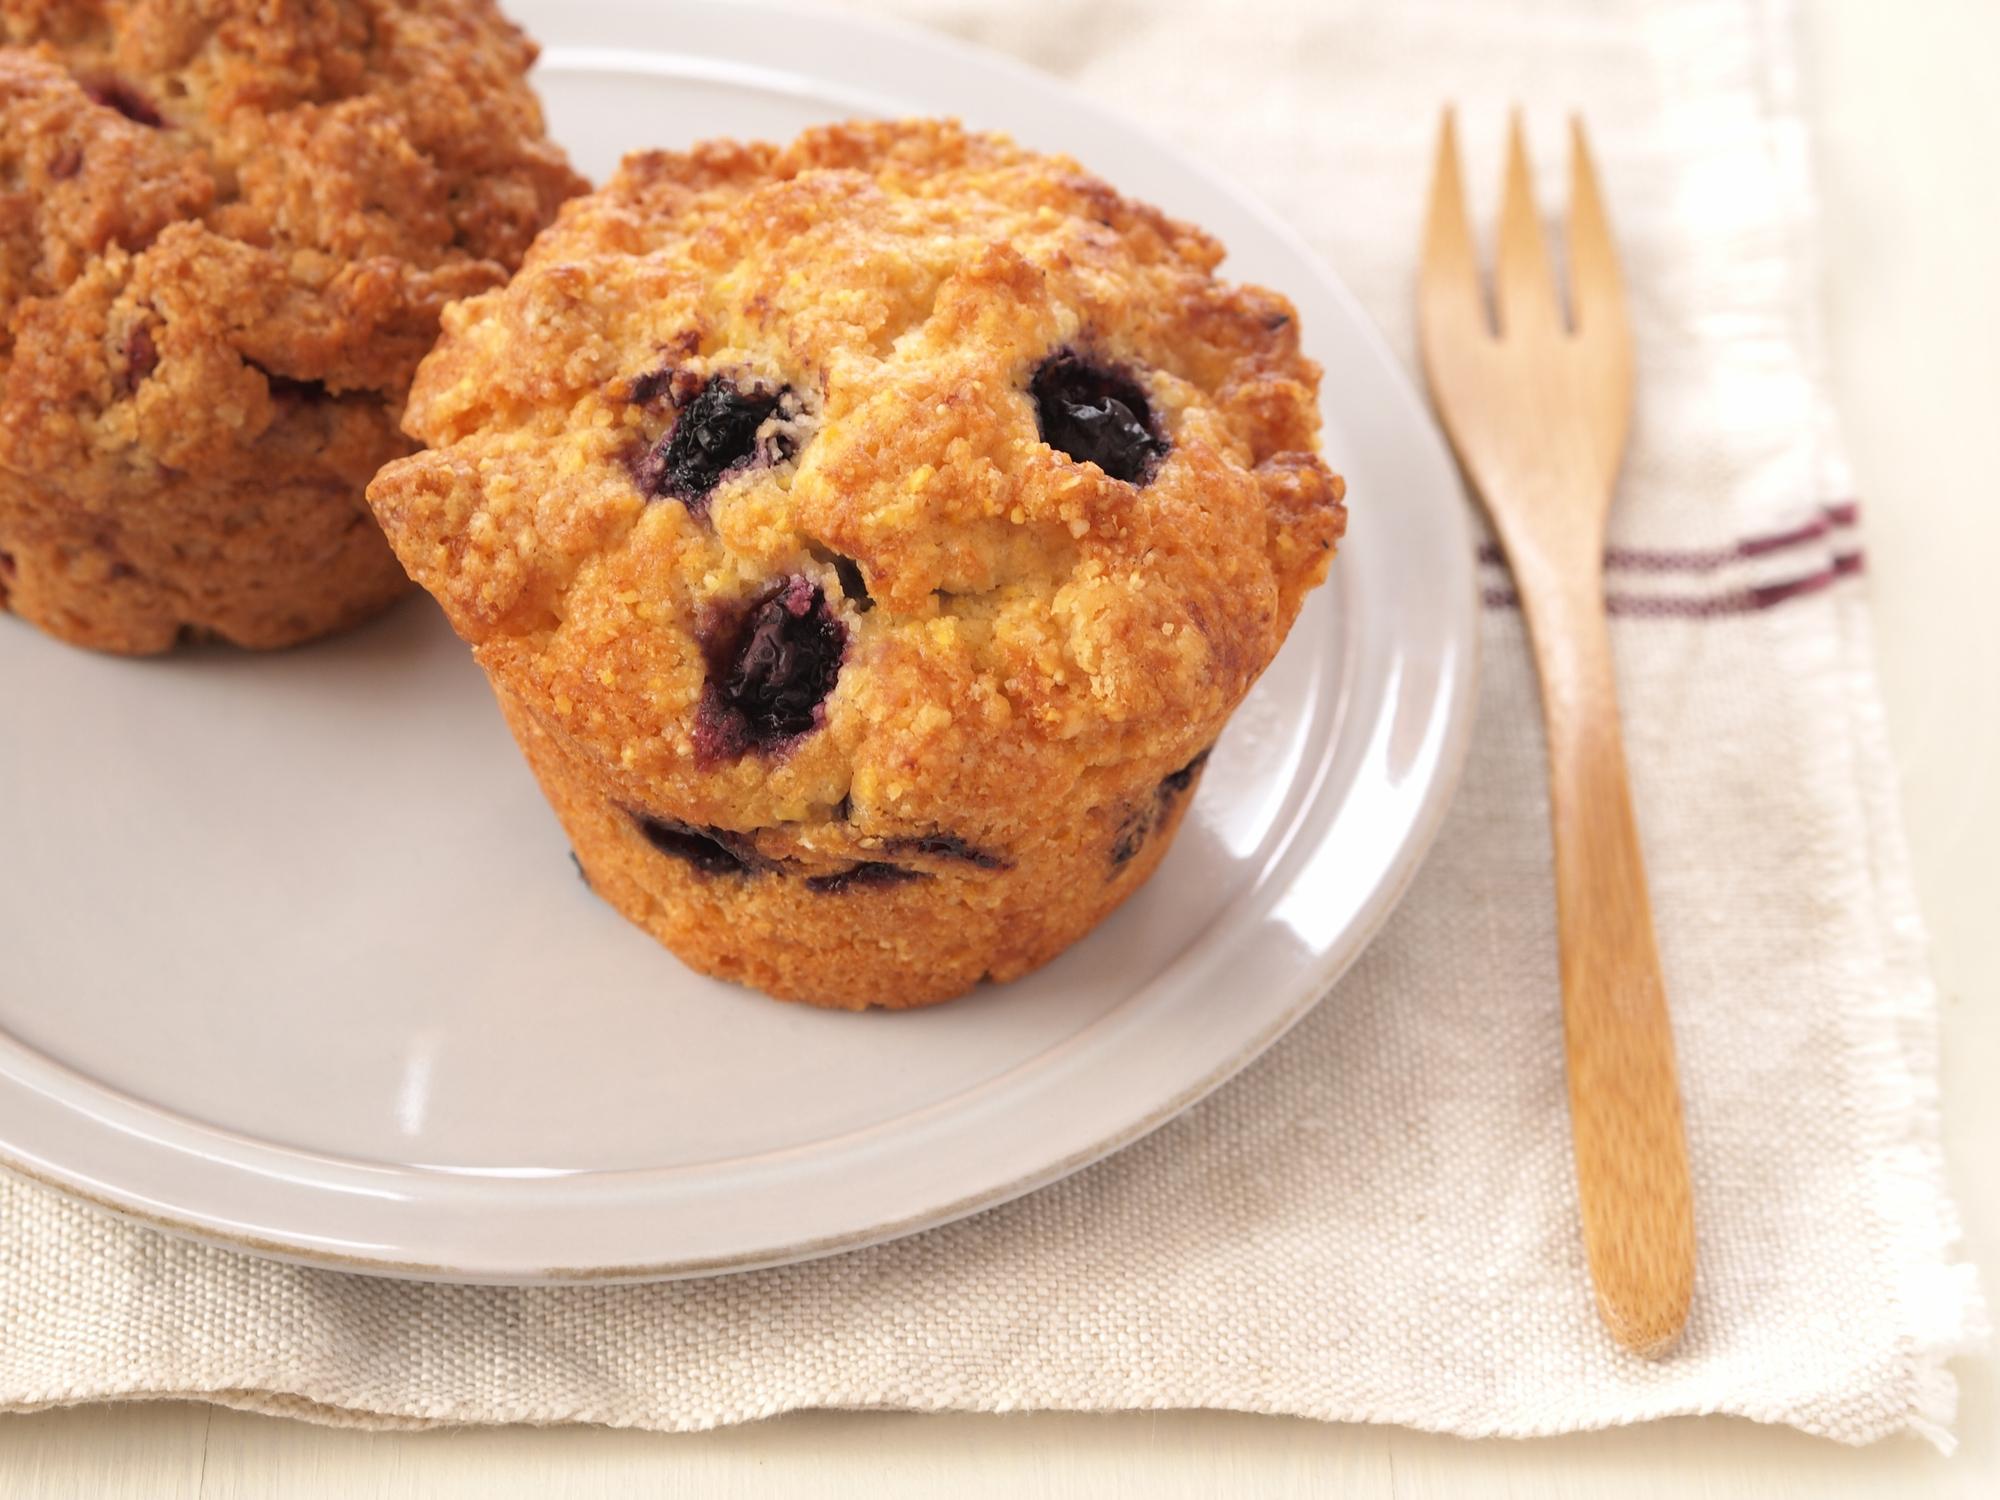 muffin de mirtilo com coco e batata-doce